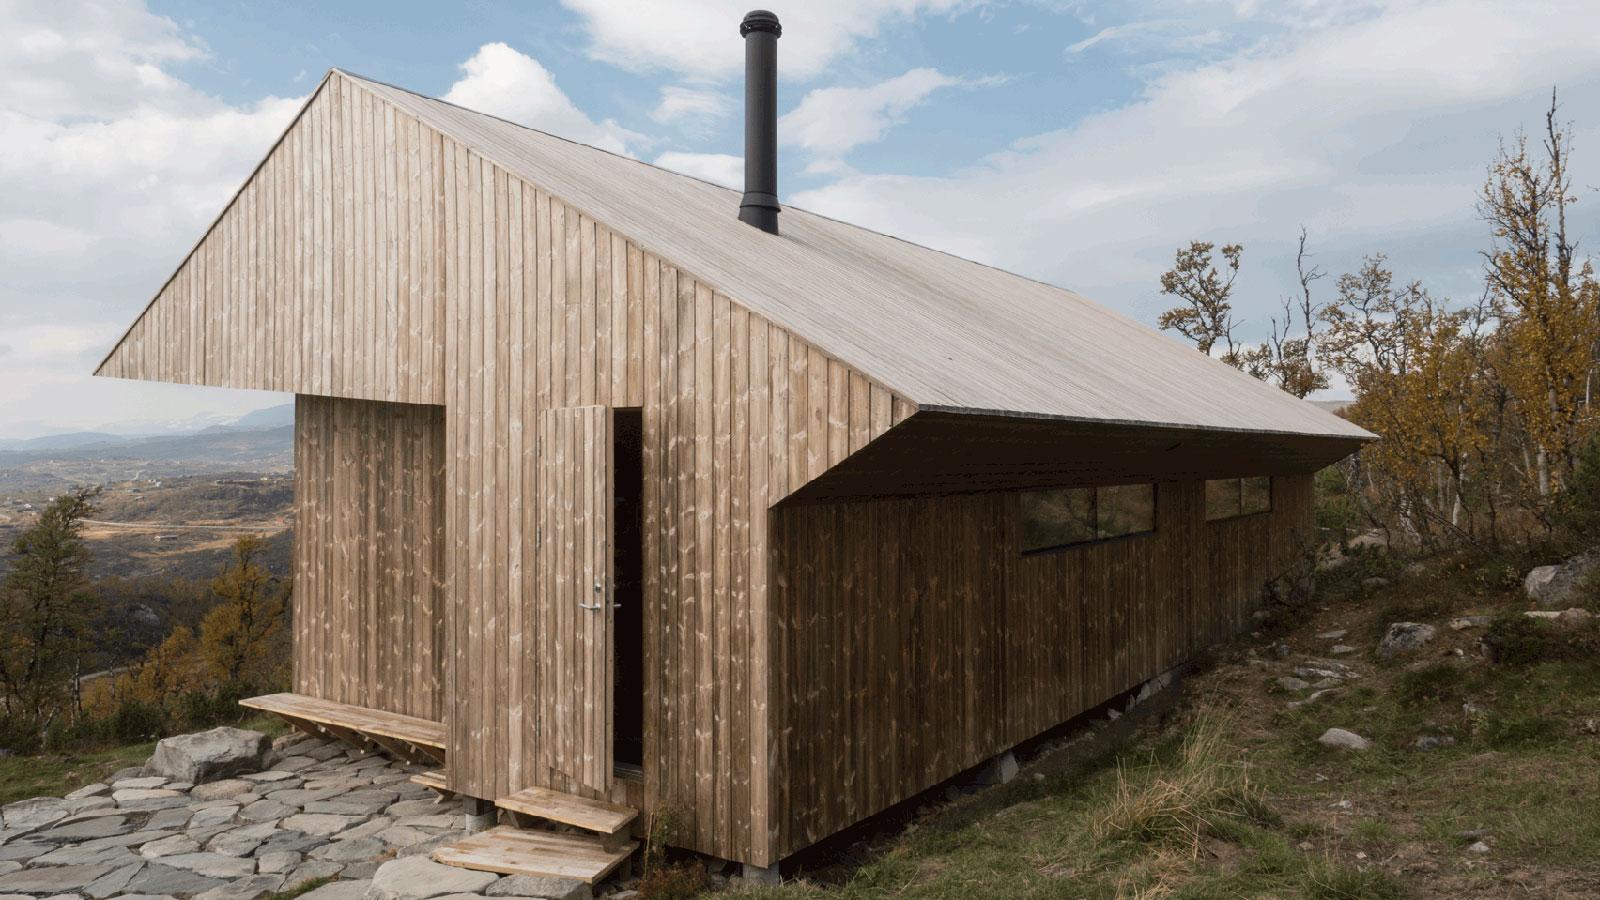 cabin-jon-danielsen-aarhus-architecture-residential-norway_dezeen_hero